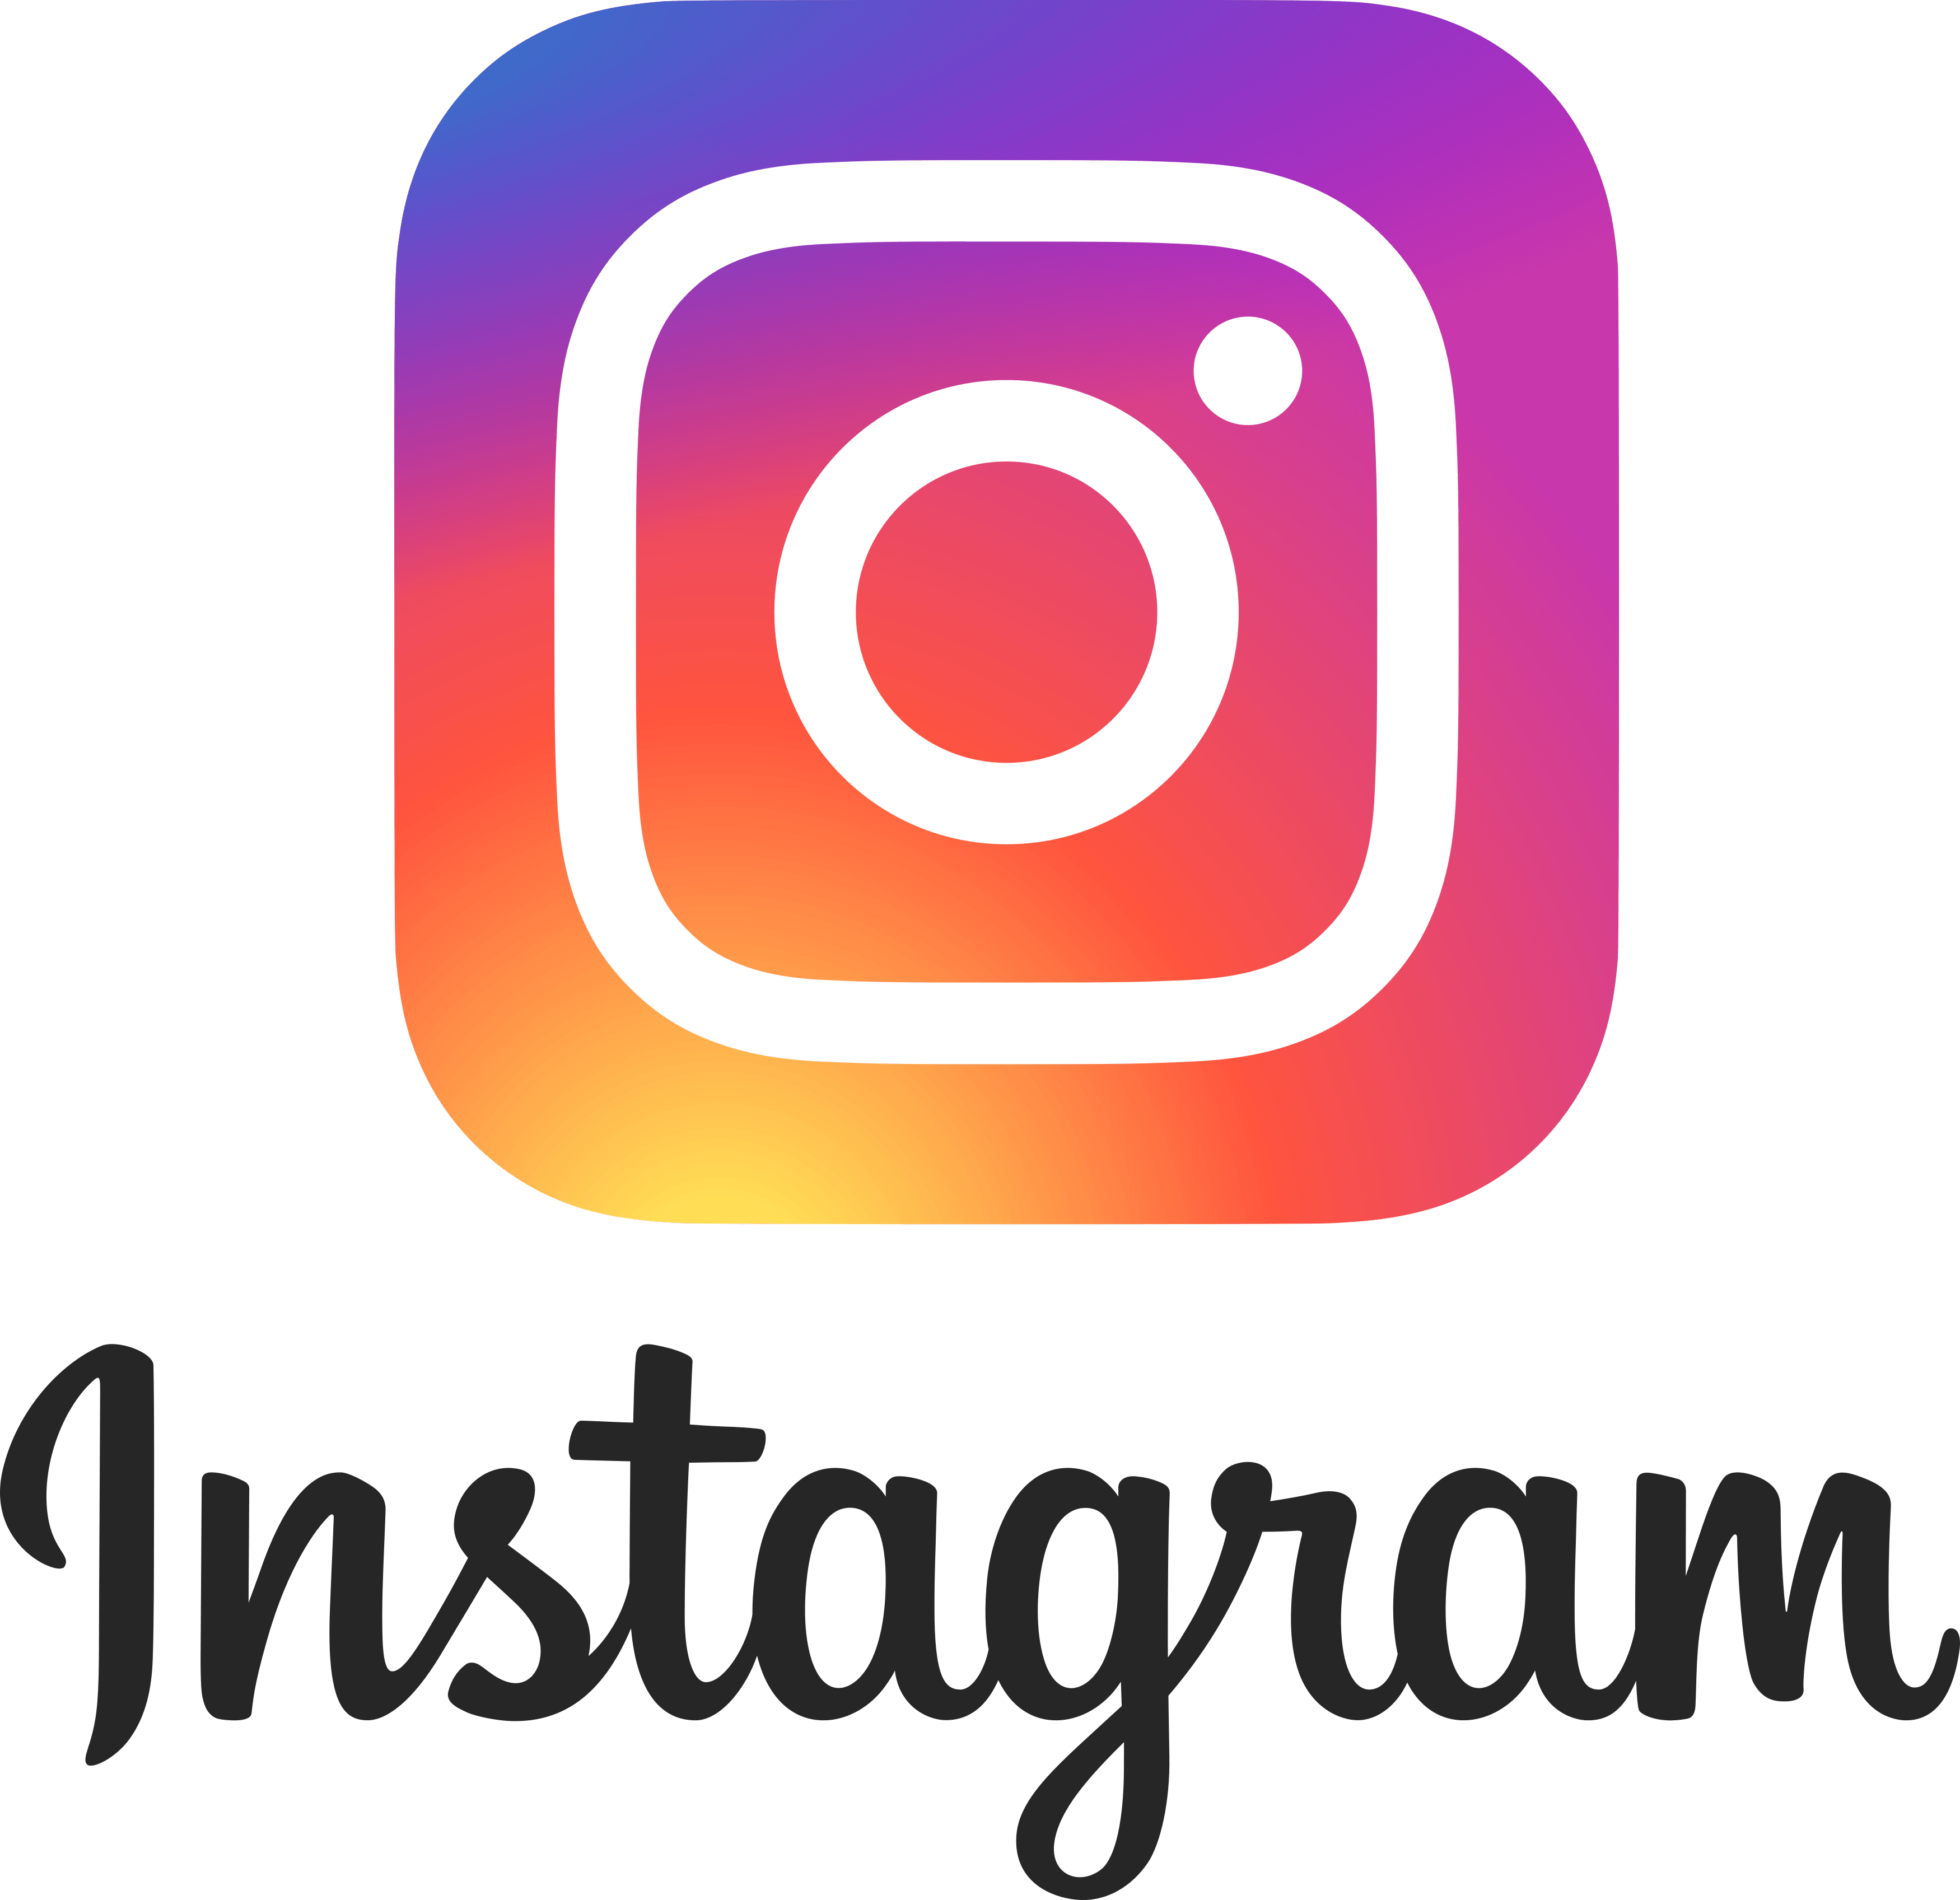 logo-instagram-png-fundo-transparente3